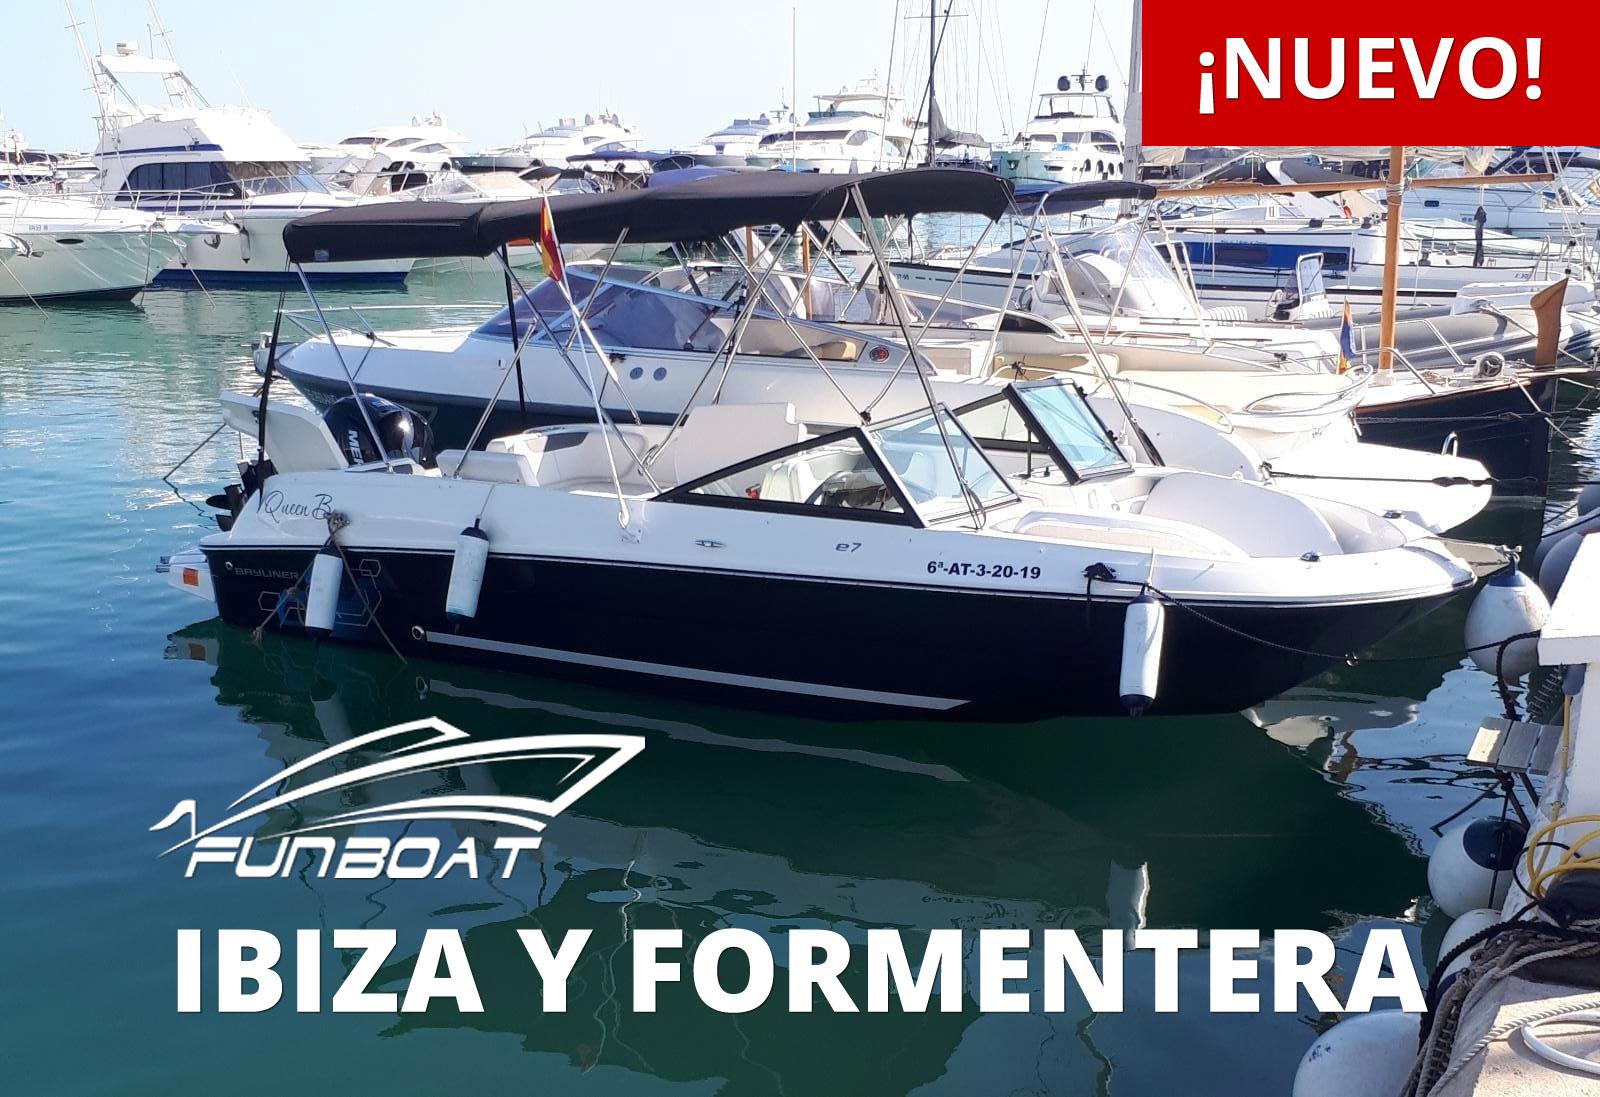 Queen B Ibiza y Formentera